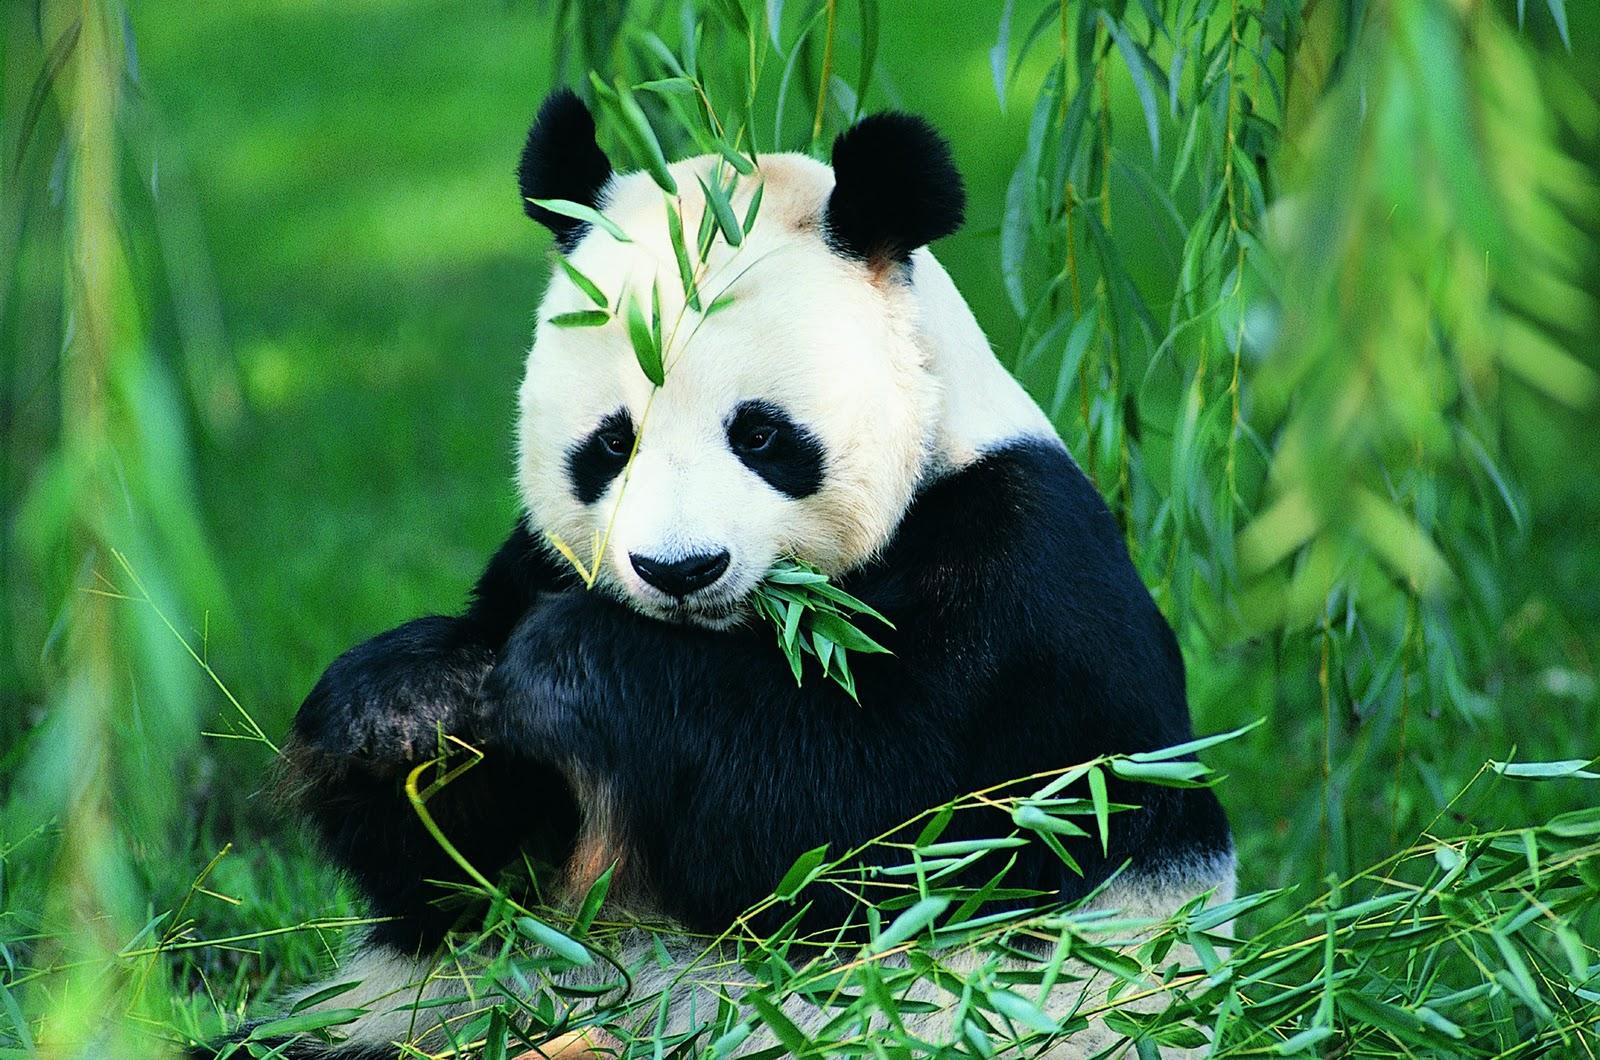 Hewan Panda